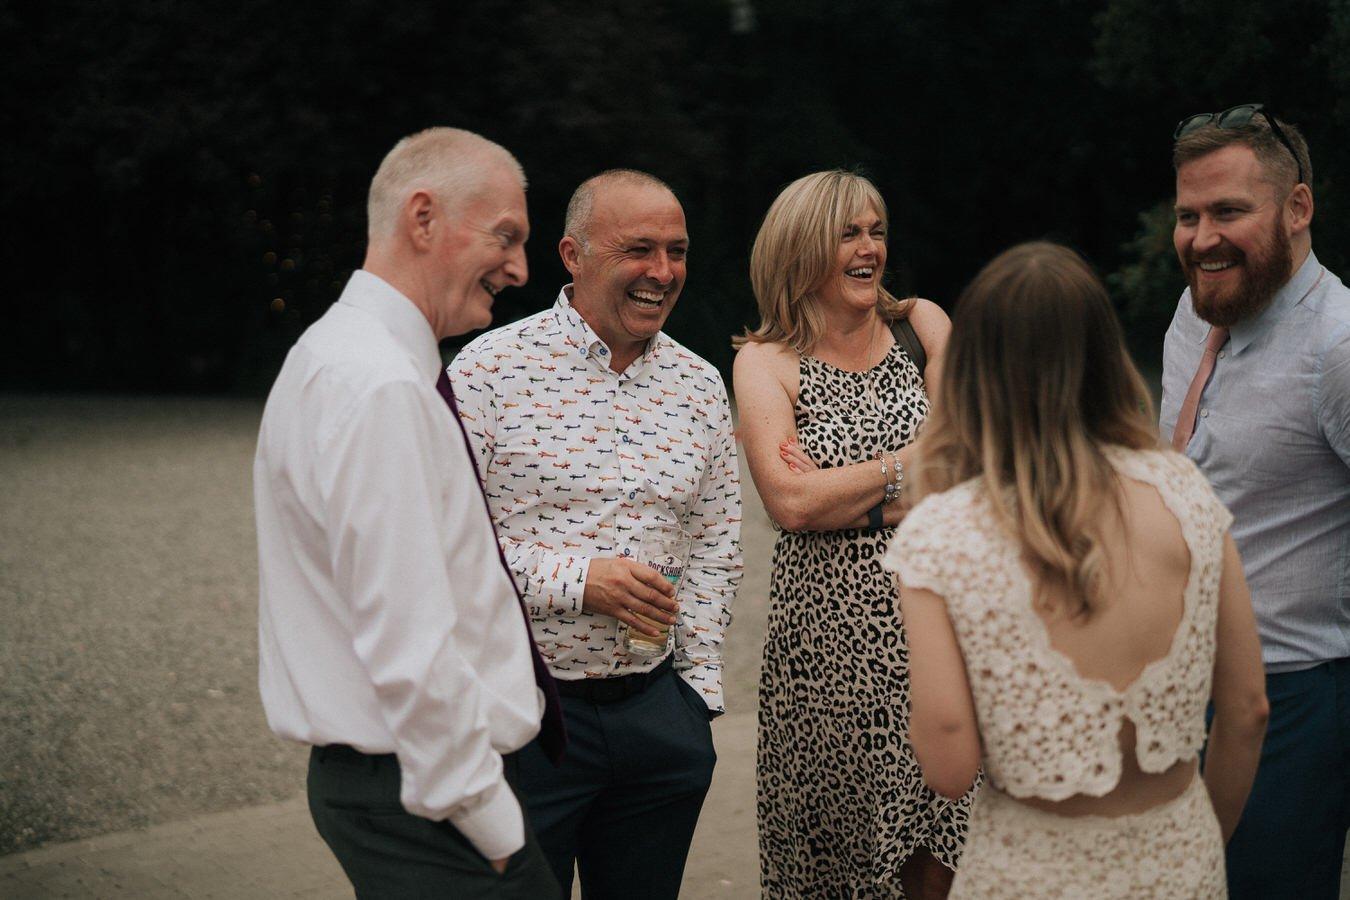 The-Station-House-wedding-Dublin-photographer- 0144 142